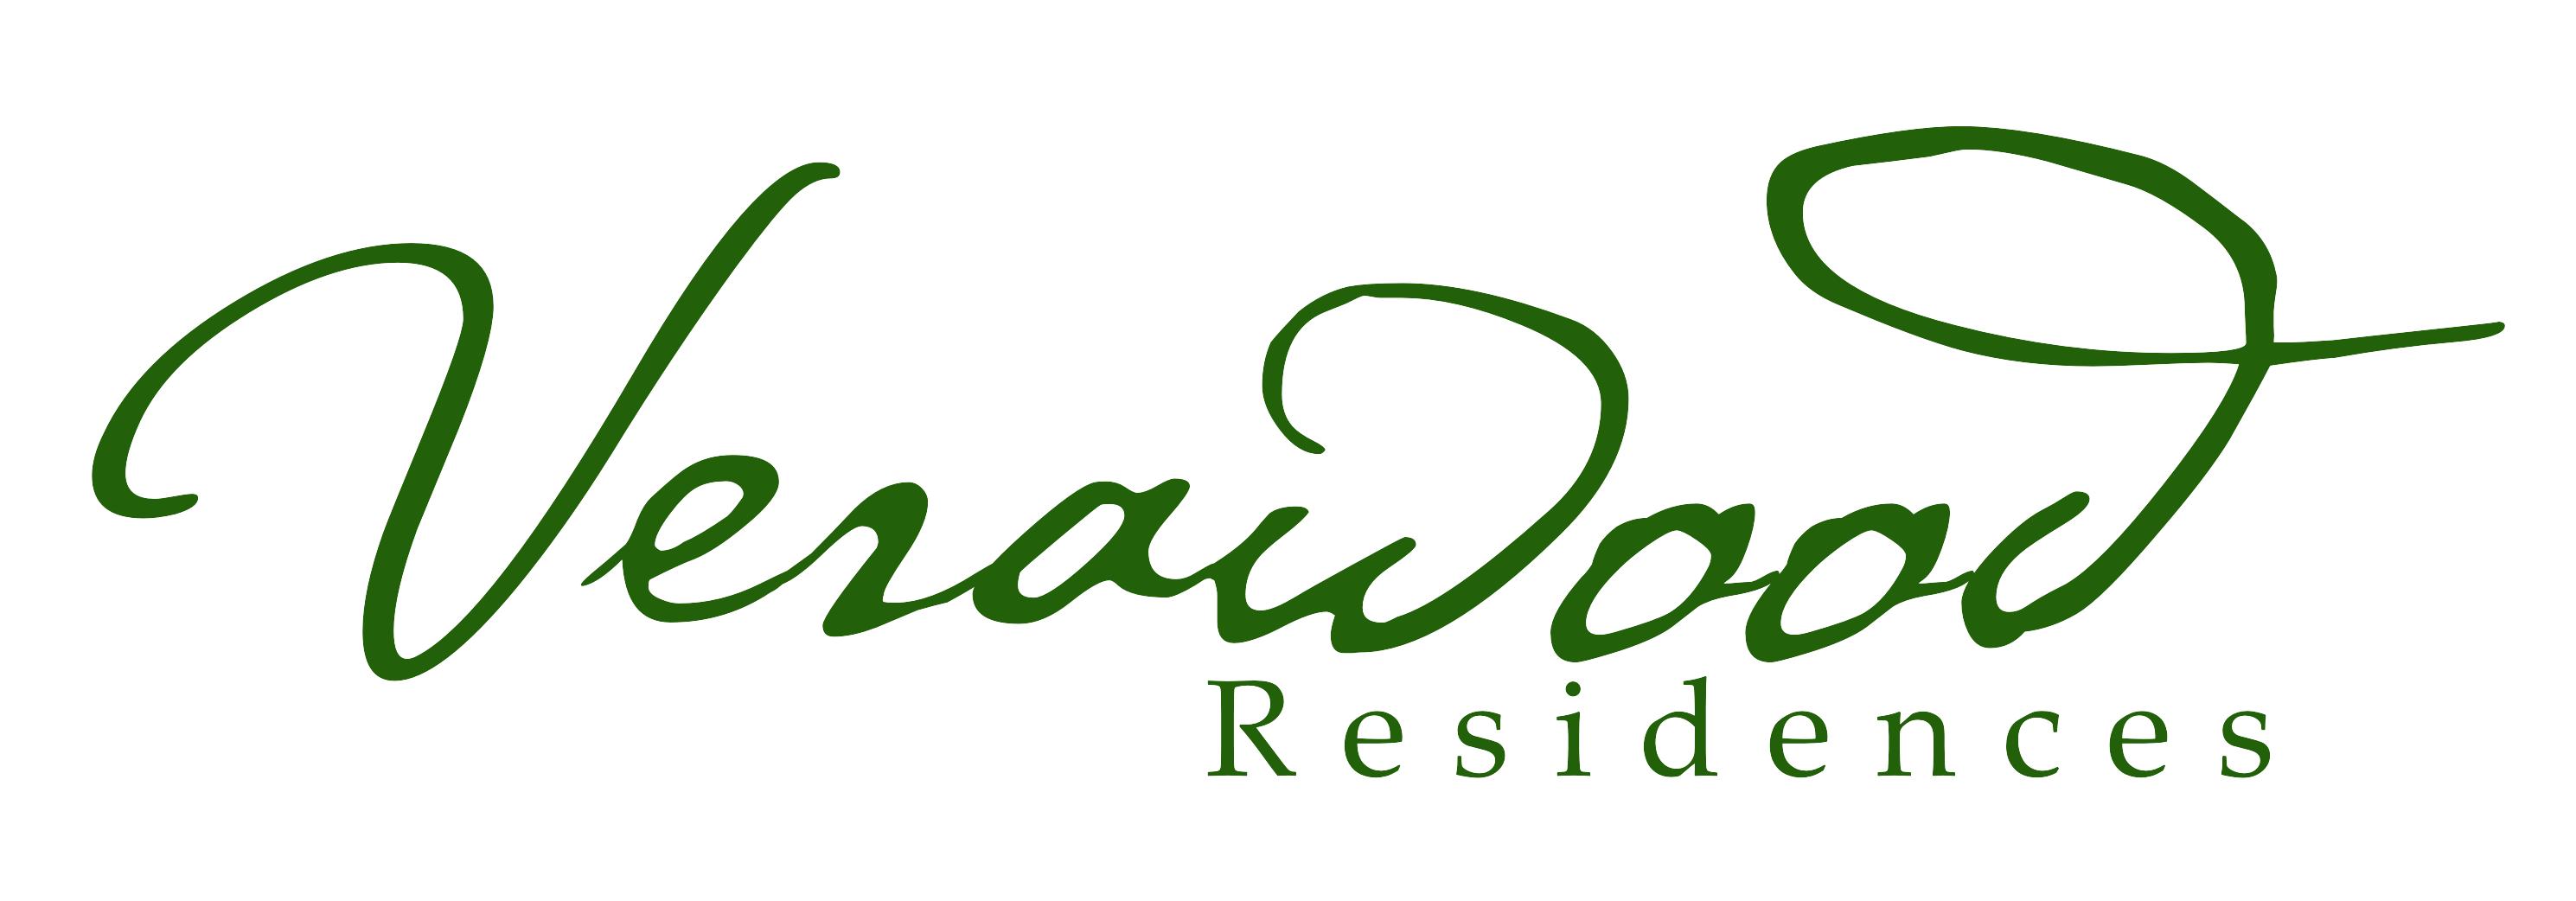 Verawood Residences property logo